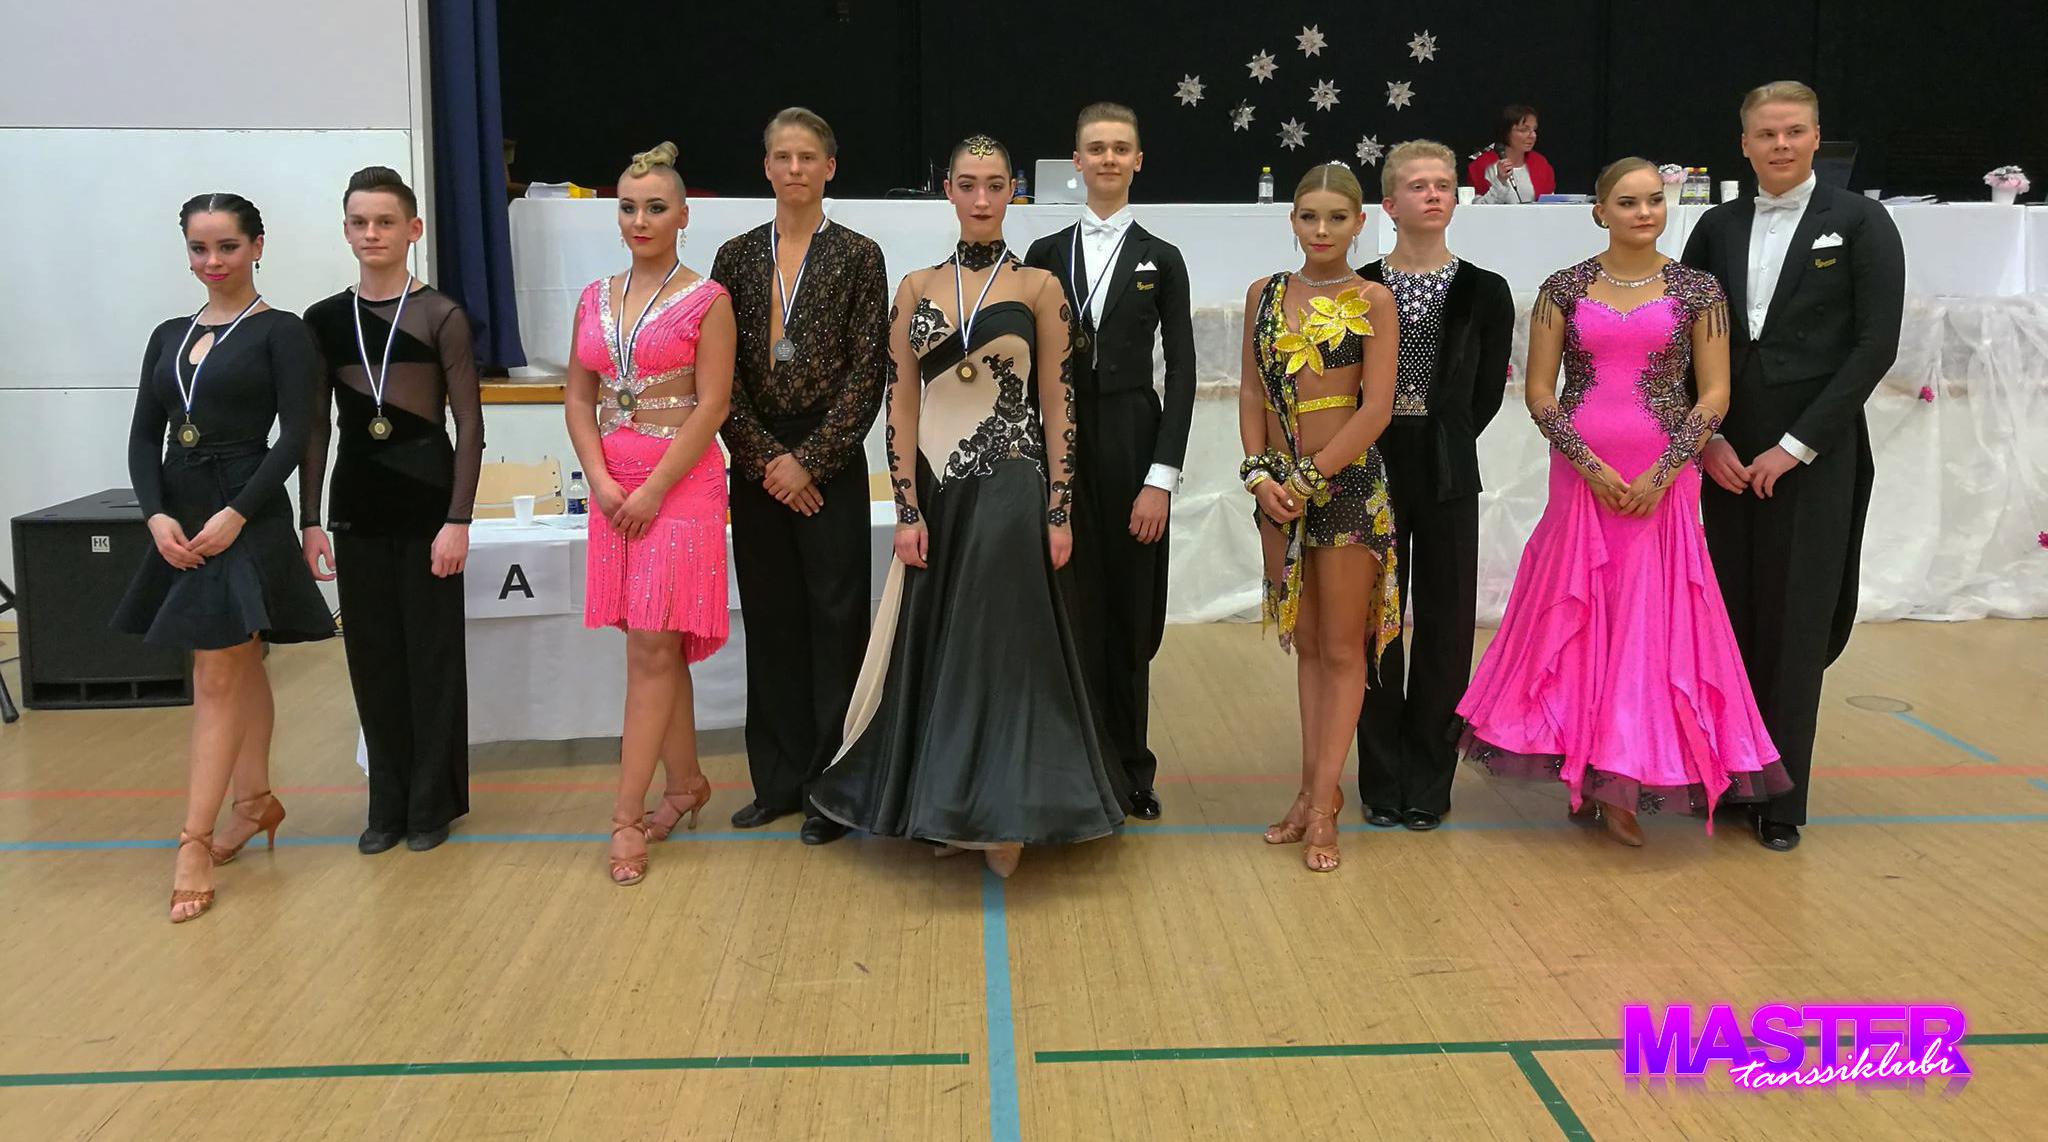 Turku kansallinen kilpailu